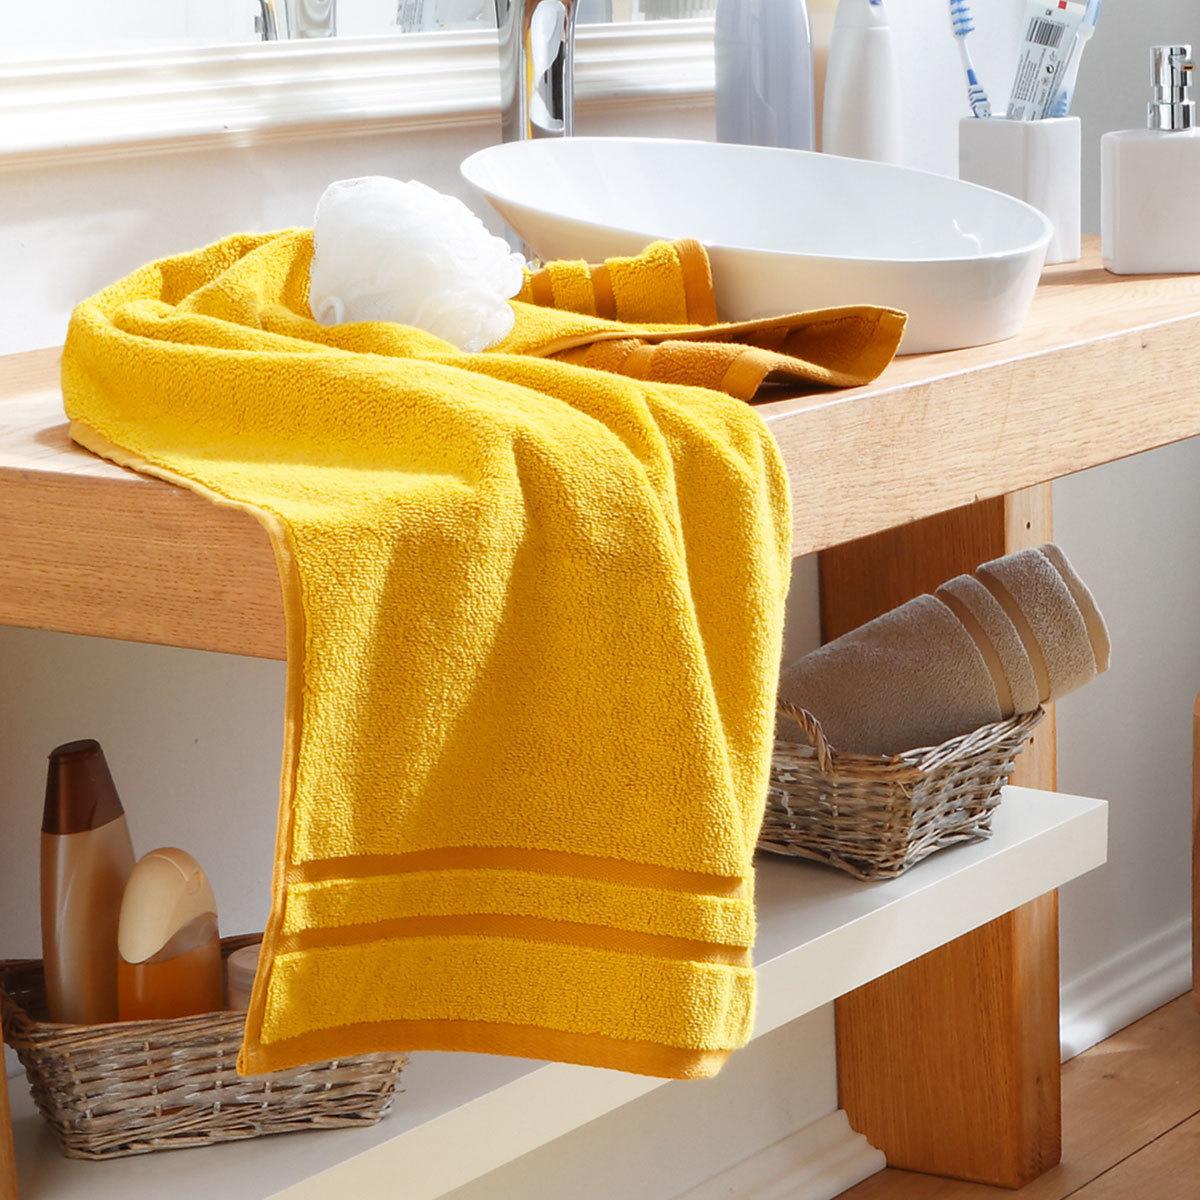 egeria frottier handt cher double g nstig online kaufen bei bettwaren shop. Black Bedroom Furniture Sets. Home Design Ideas